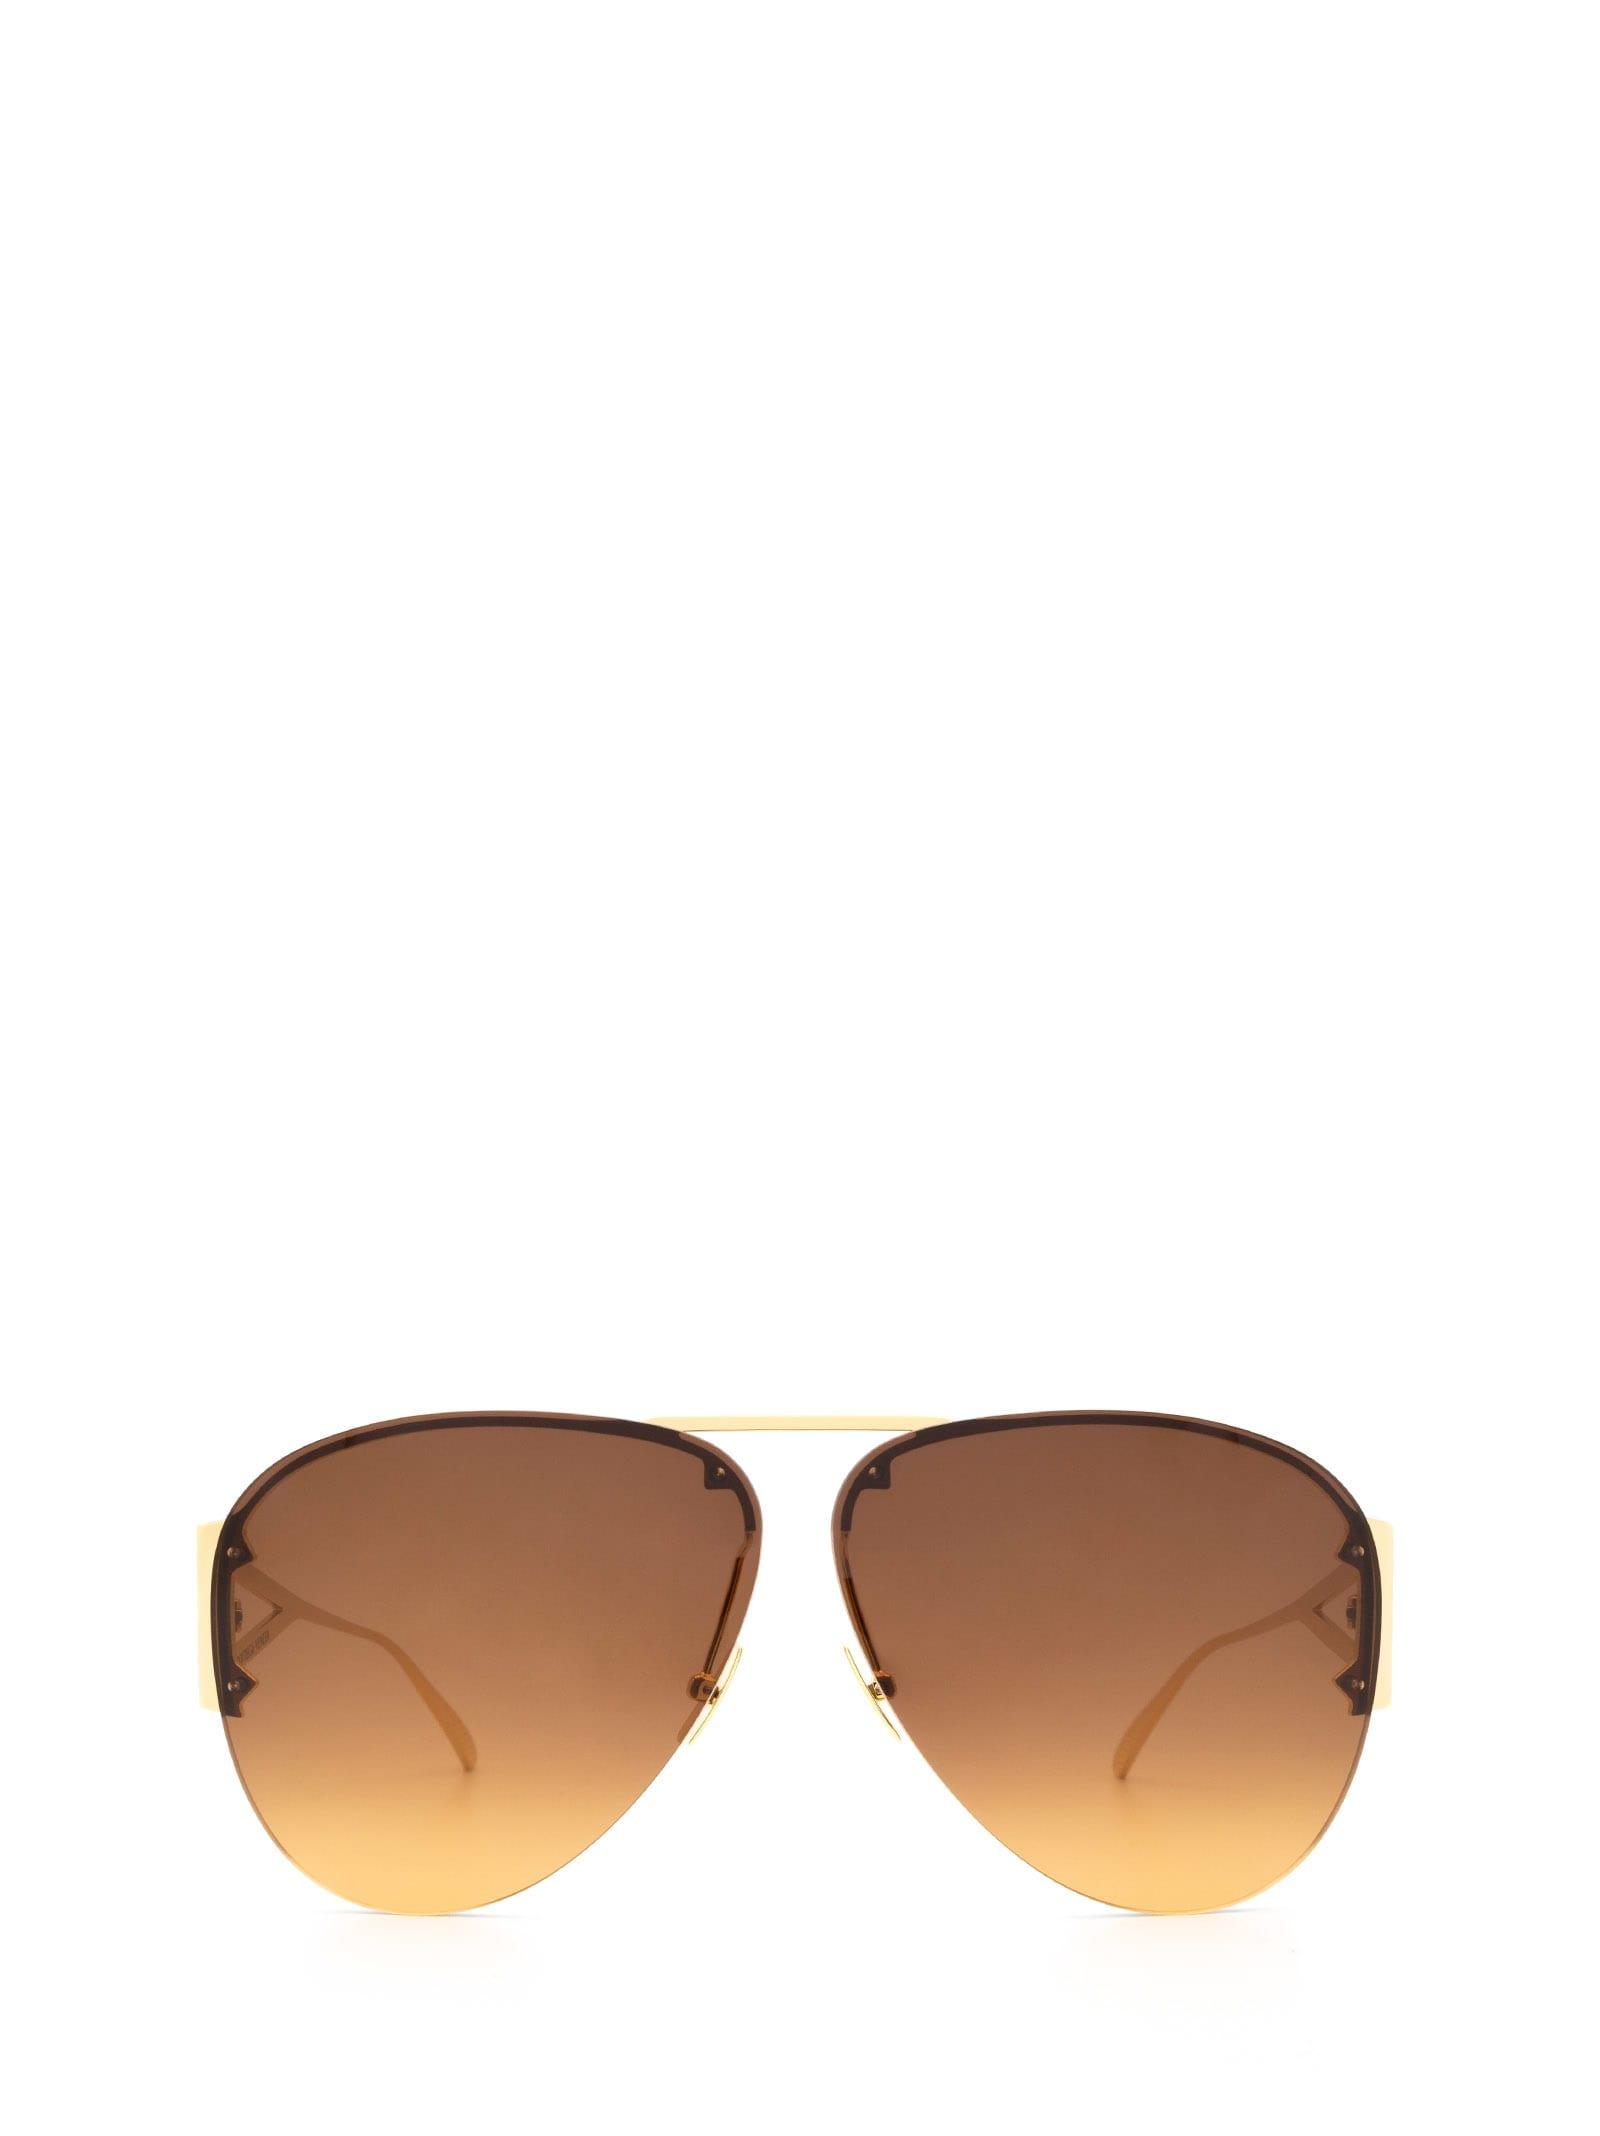 Bottega Veneta Bottega Veneta Bv1065s Gold Sunglasses